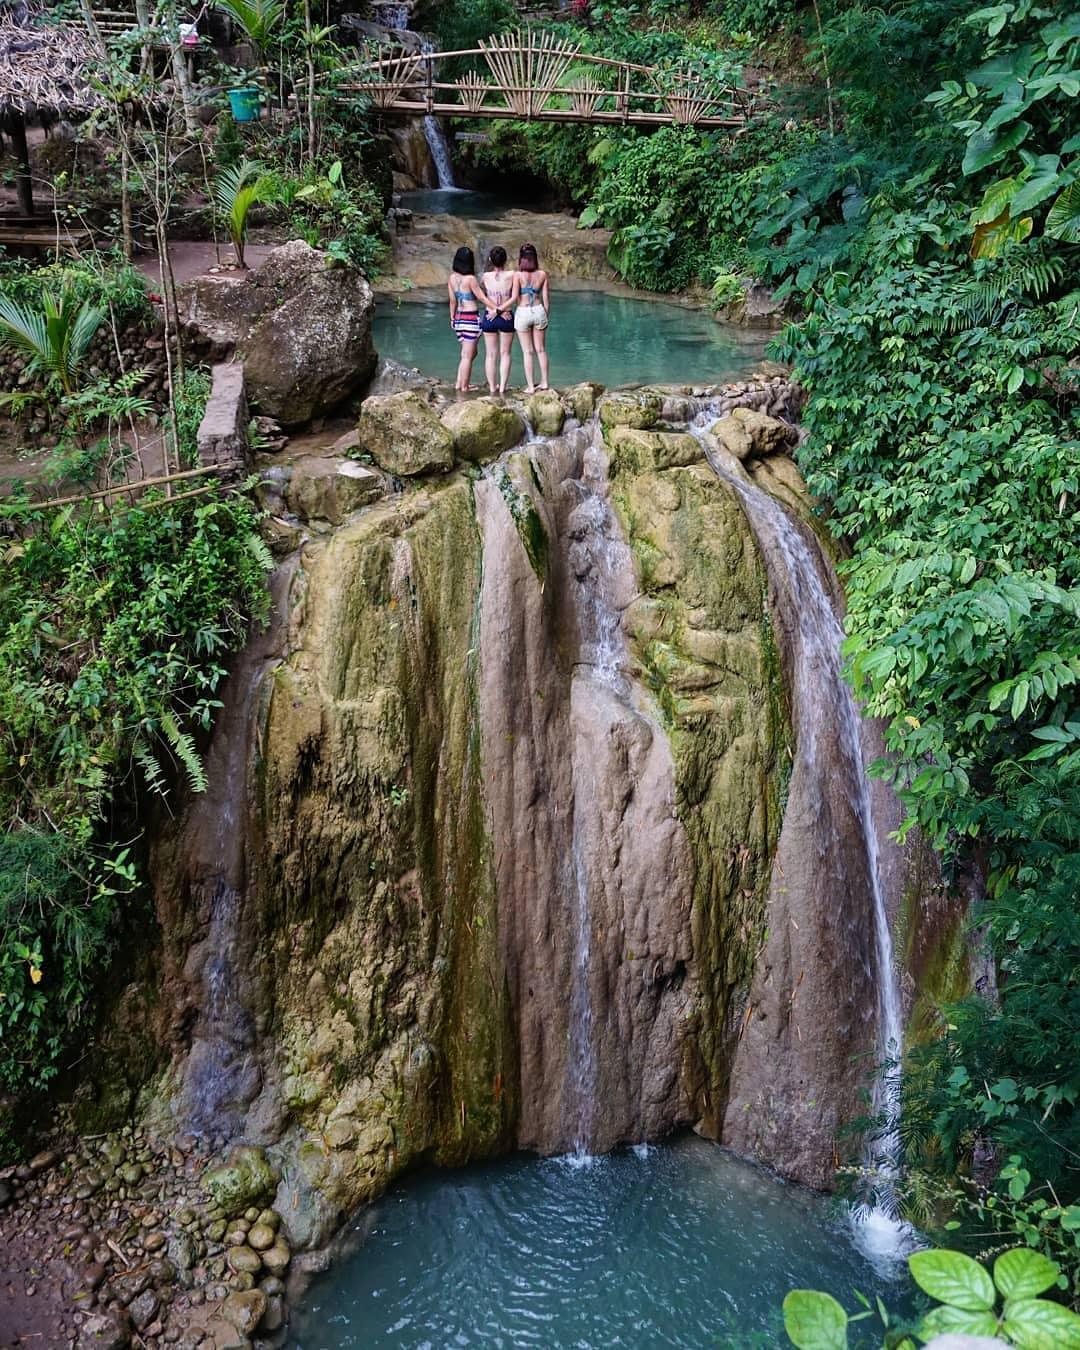 Wisata Air Terjun Kedung Pedhut Jogja